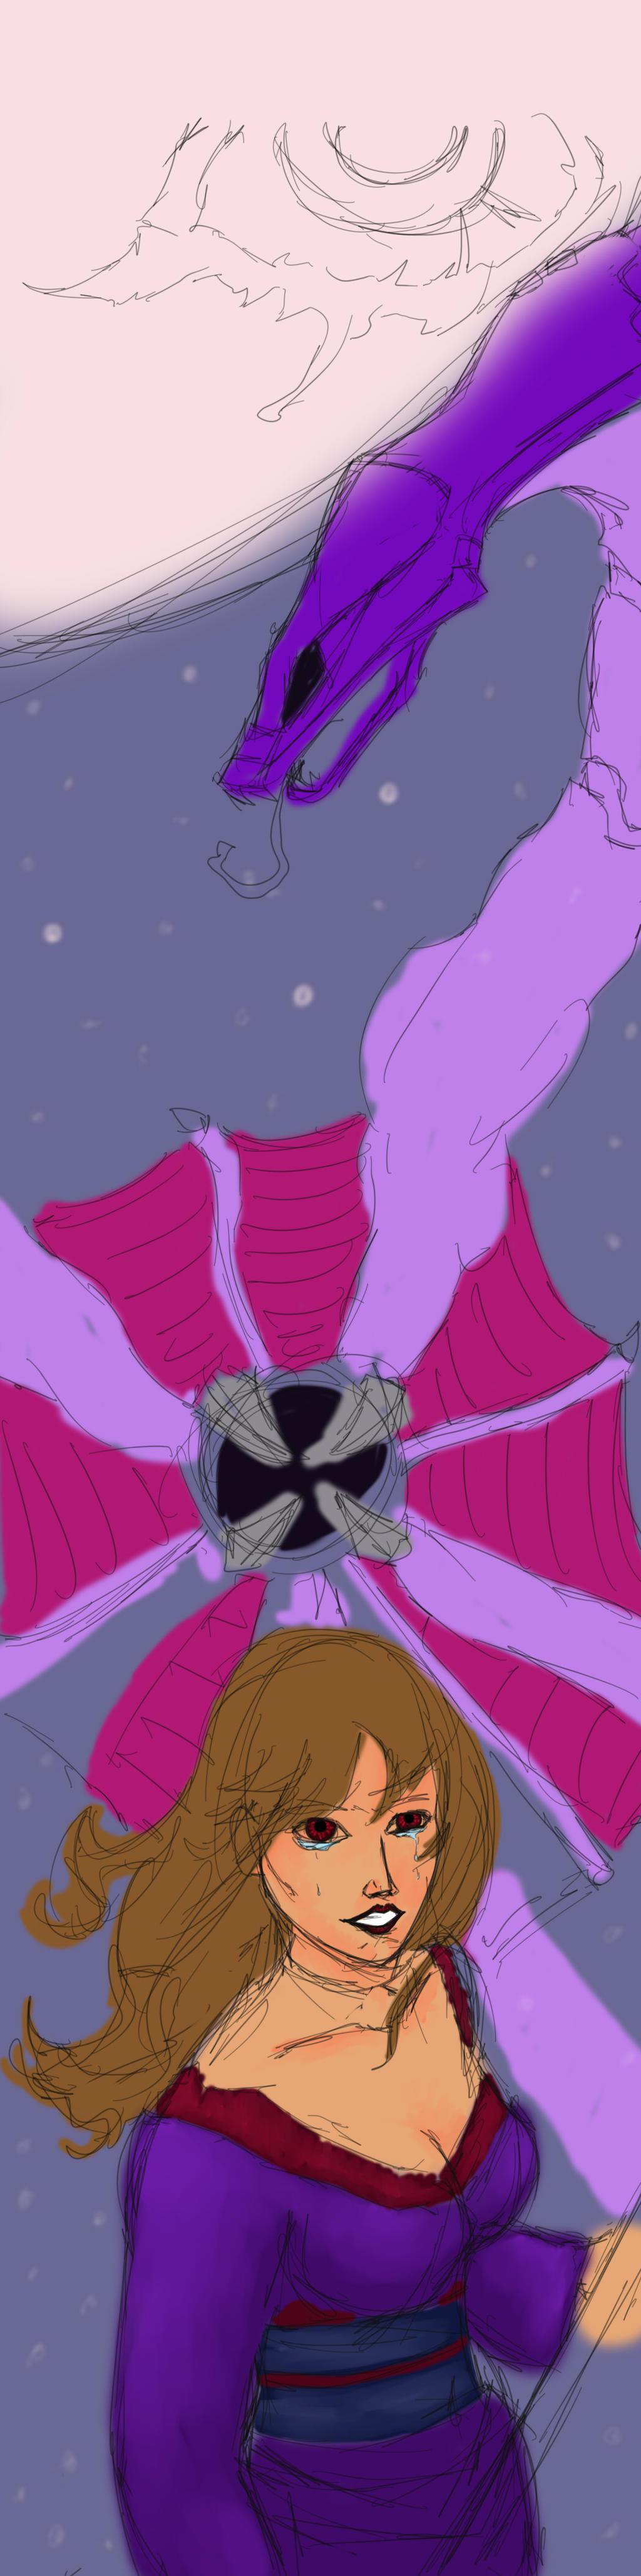 Shizuru by krypton619